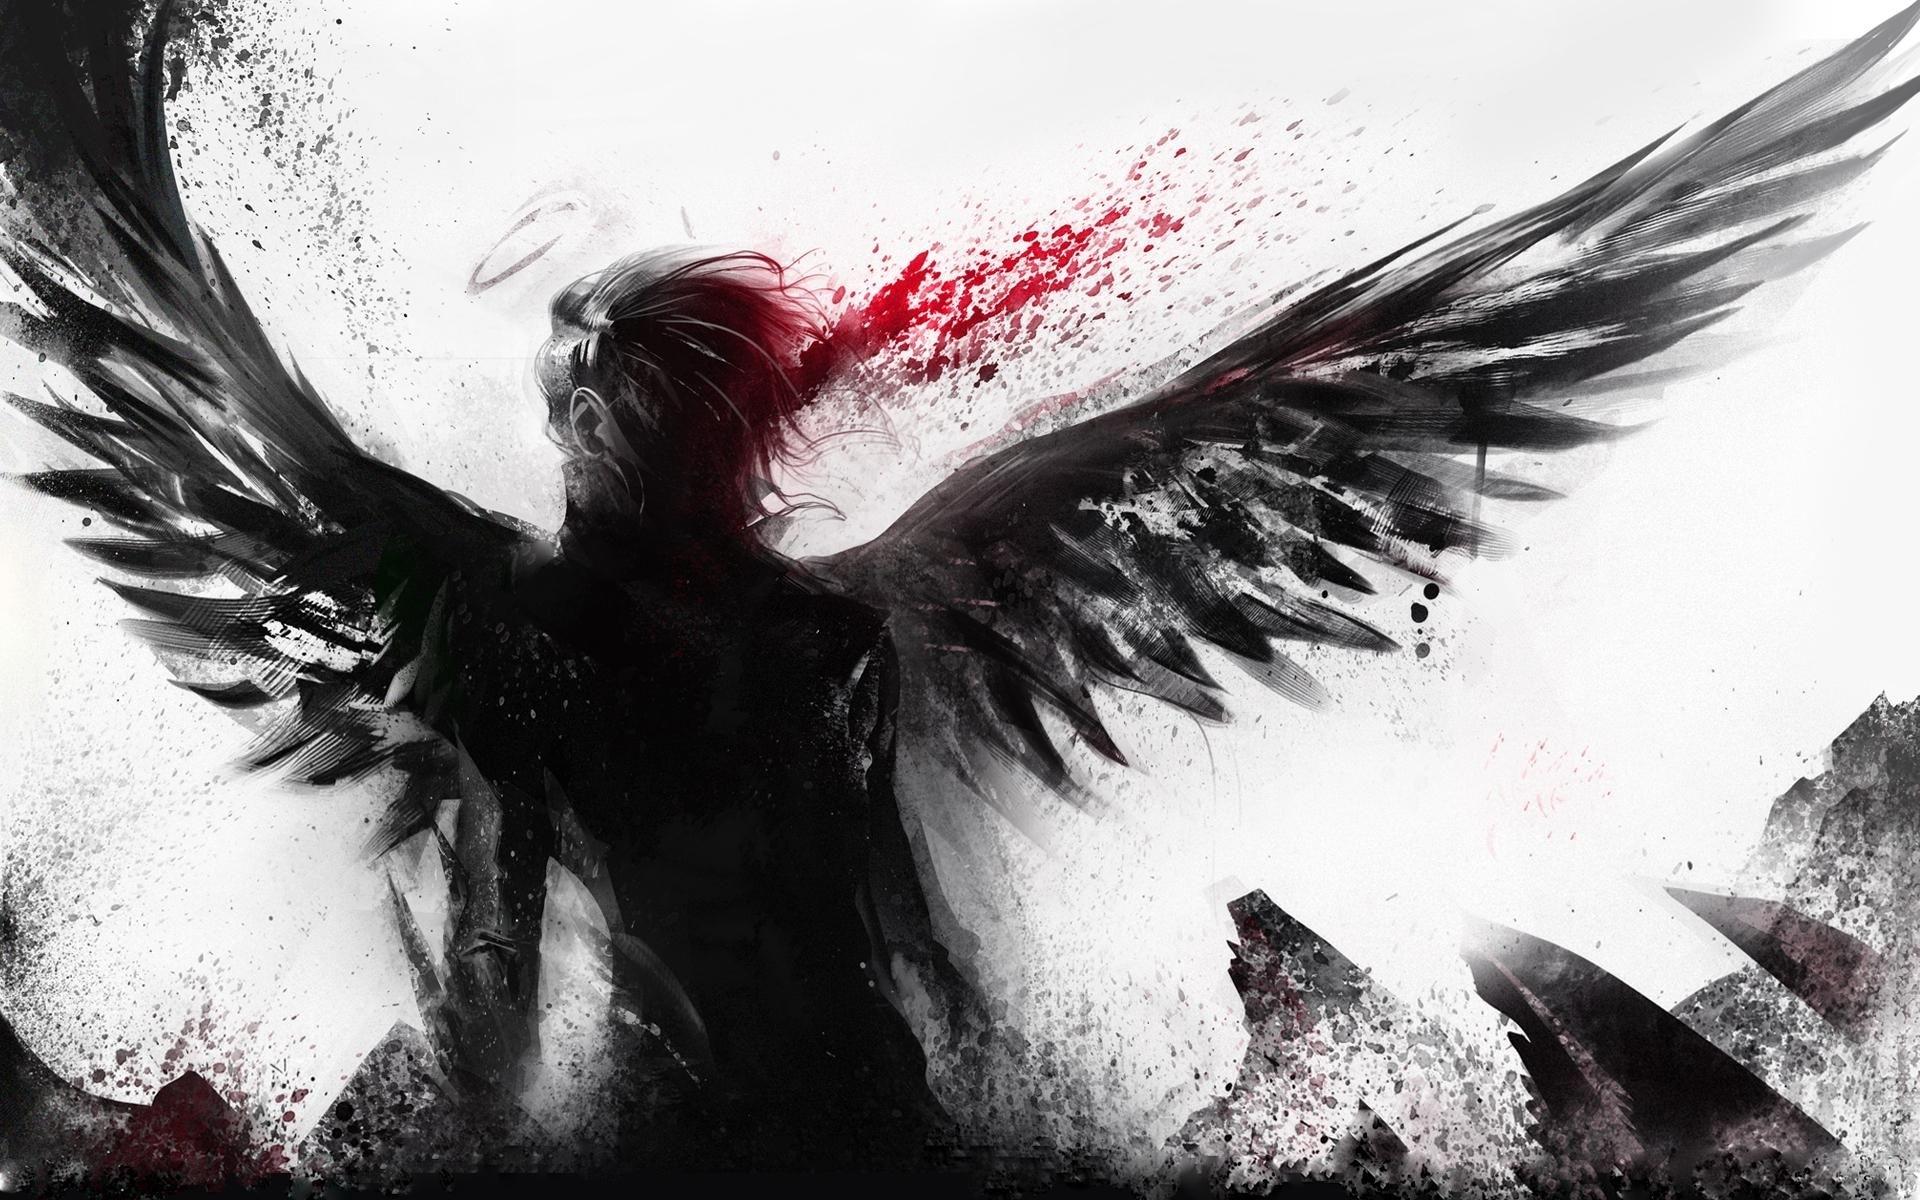 anime fallen angel wallpaper hd widescreen 11 | malaikat | pinterest